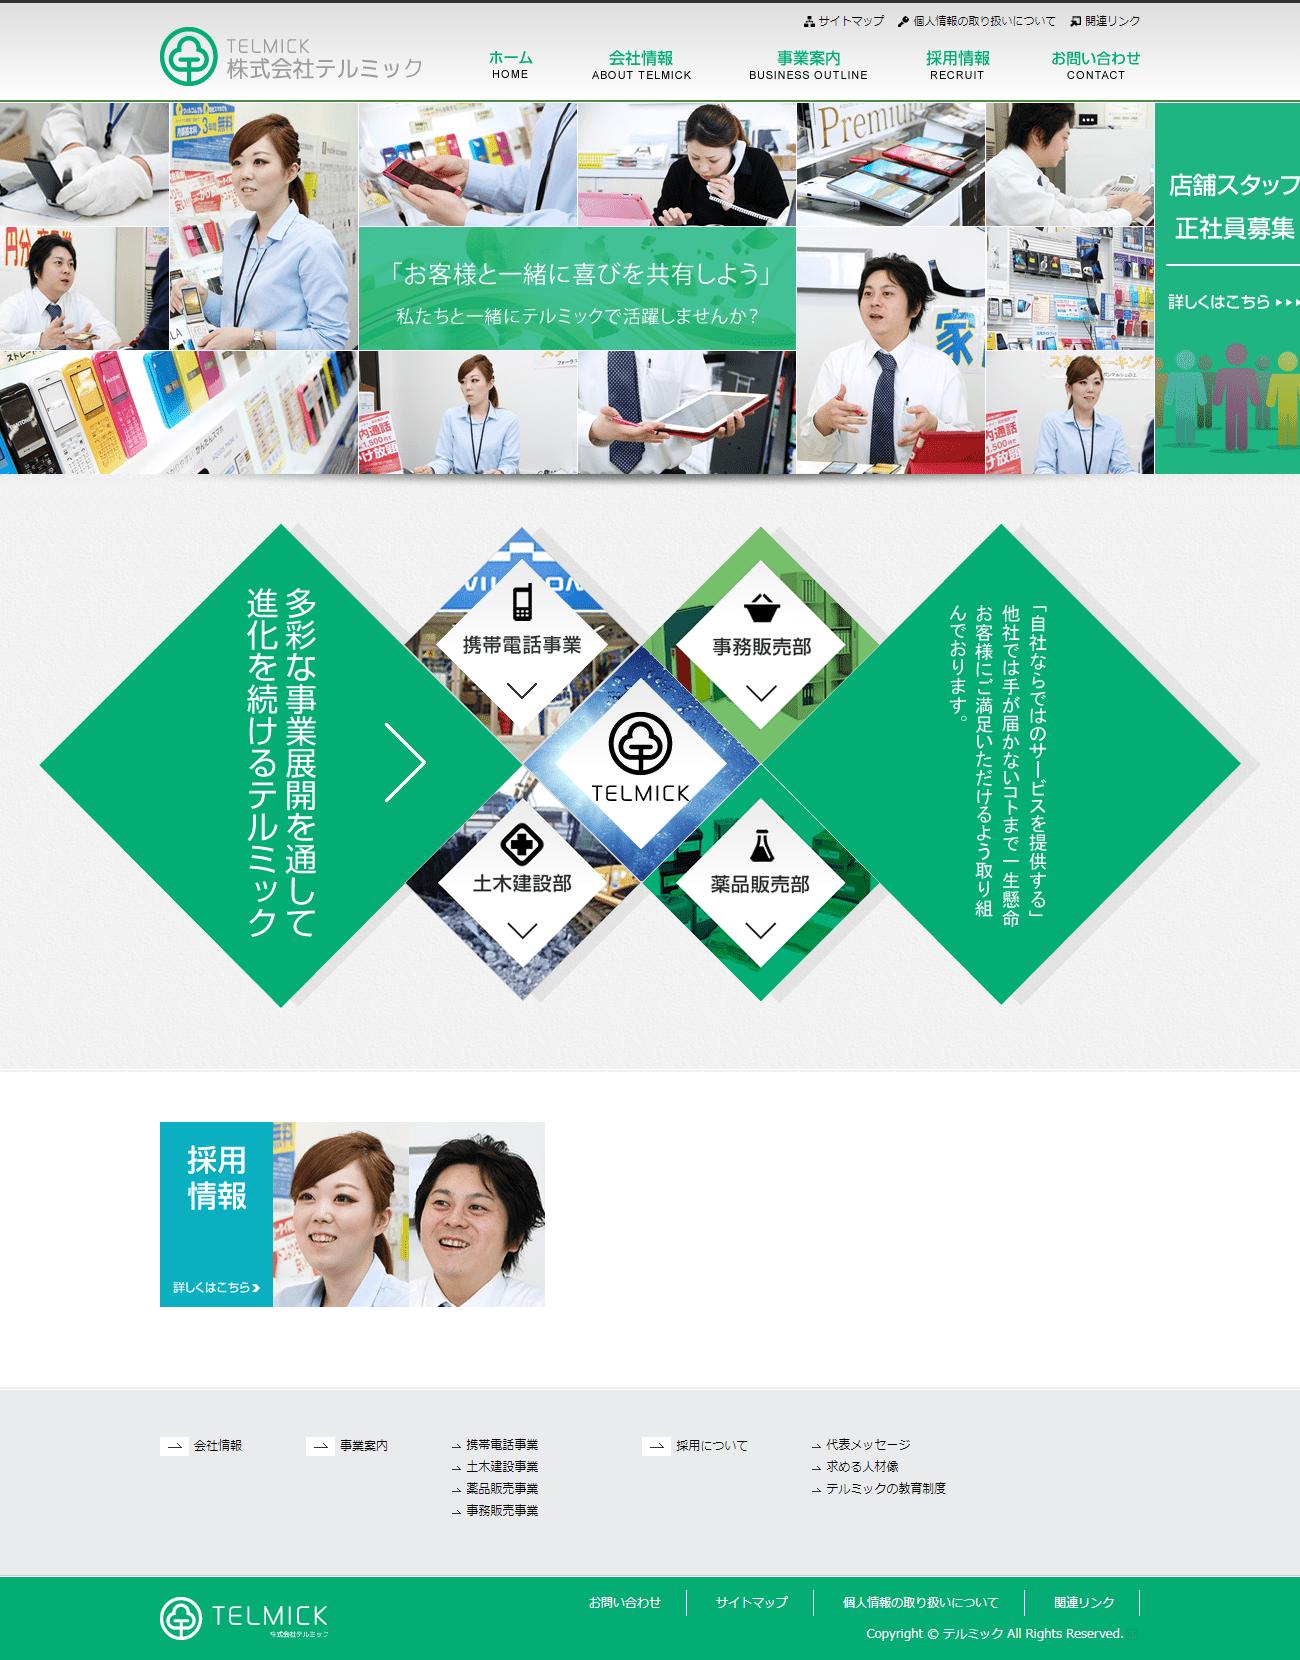 姫路市白浜町甲 株式会社テルミック様 ホームページ制作1